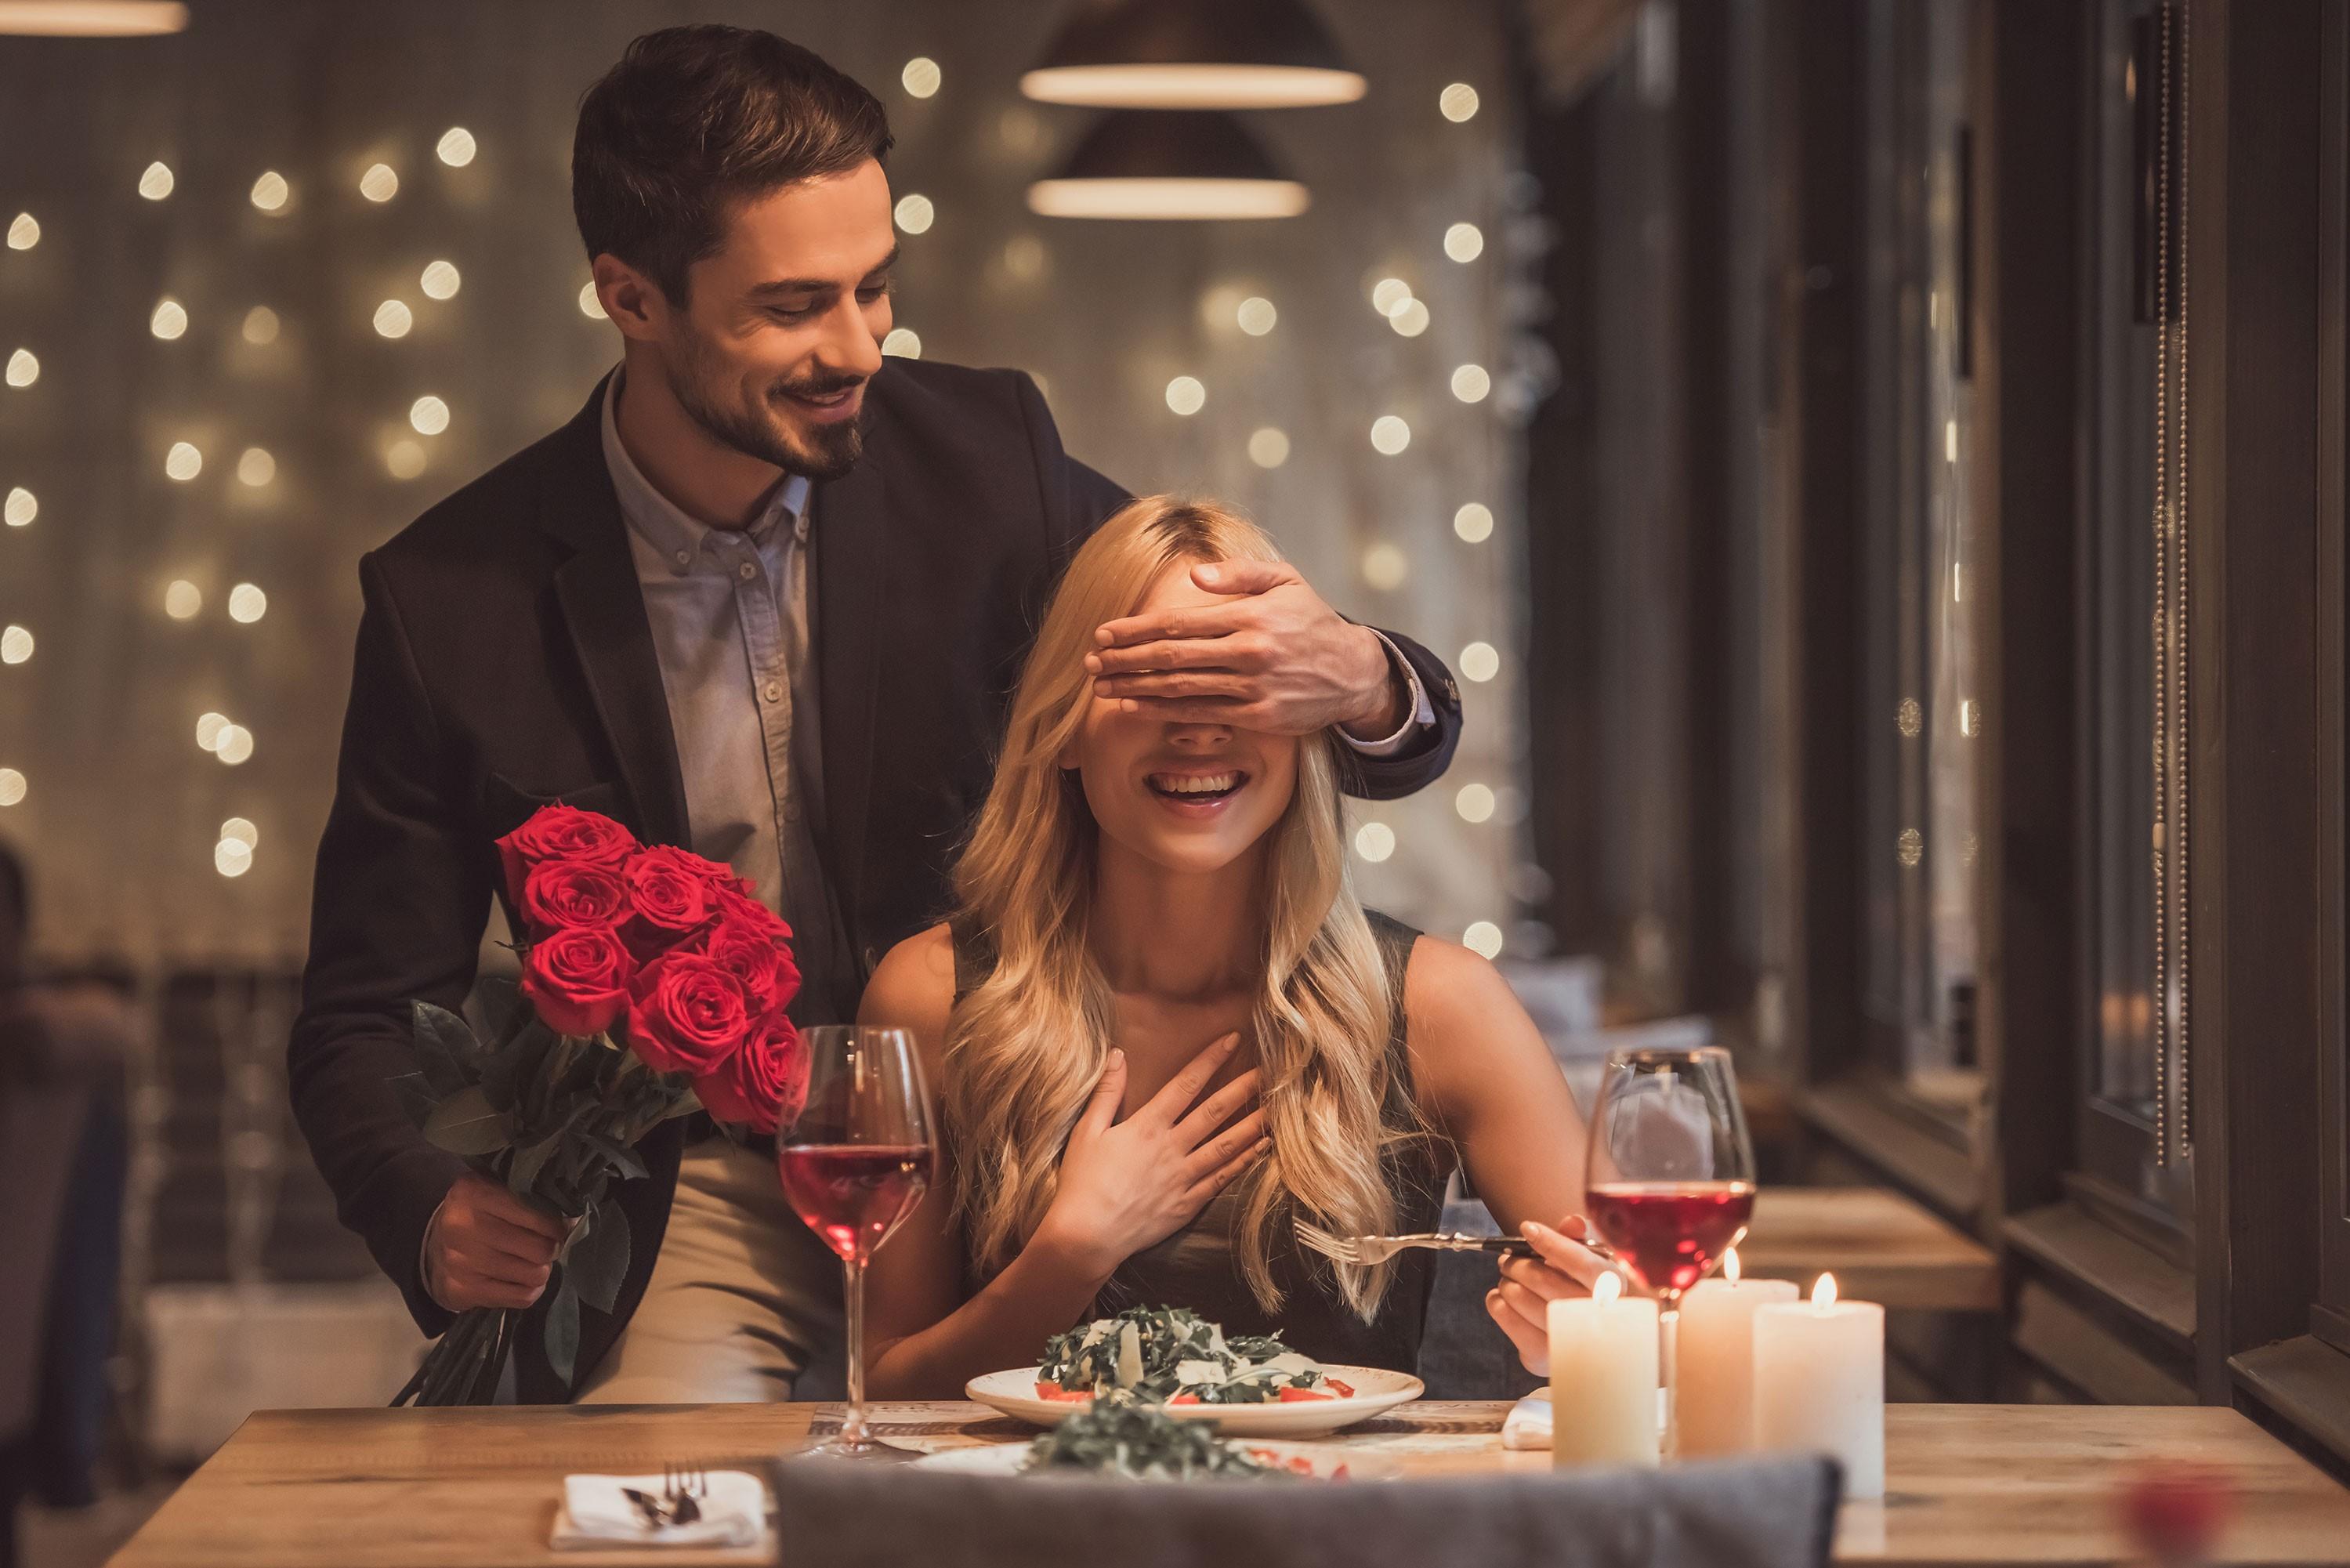 Planifiez un dîner romantique intime pour deux.